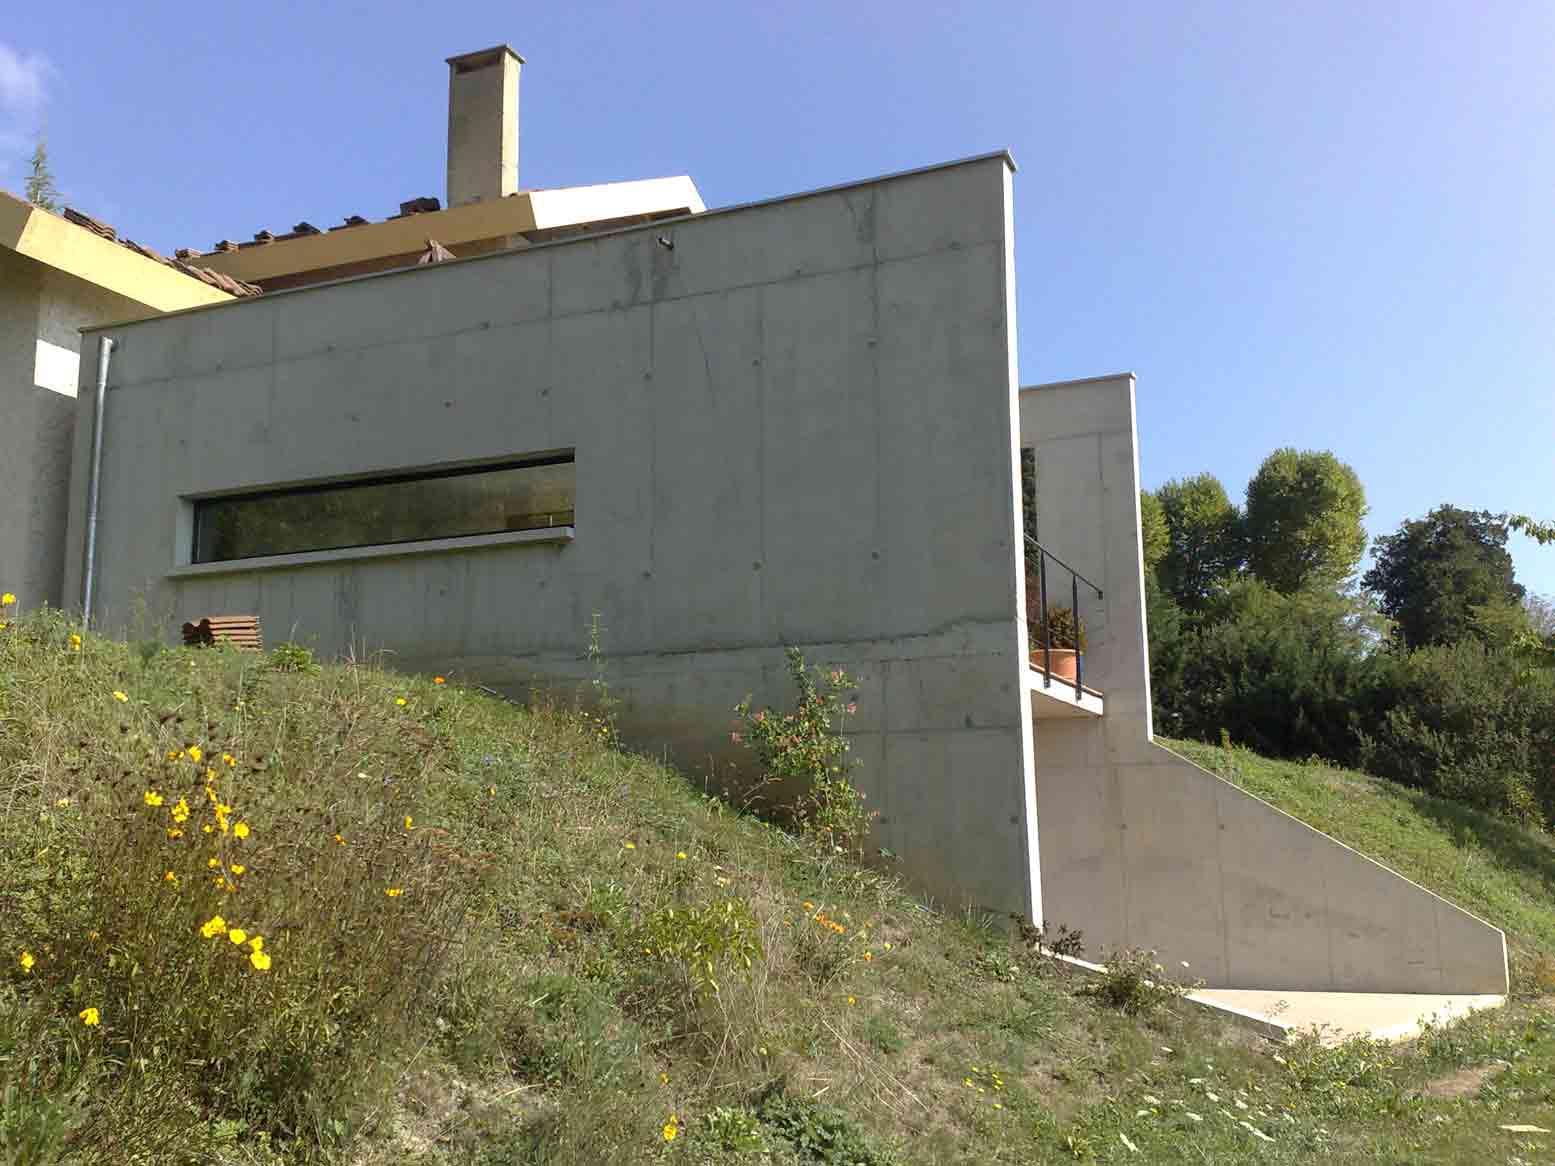 Mur beton banche panneaux muraux bois design de maison for Maison en beton banche